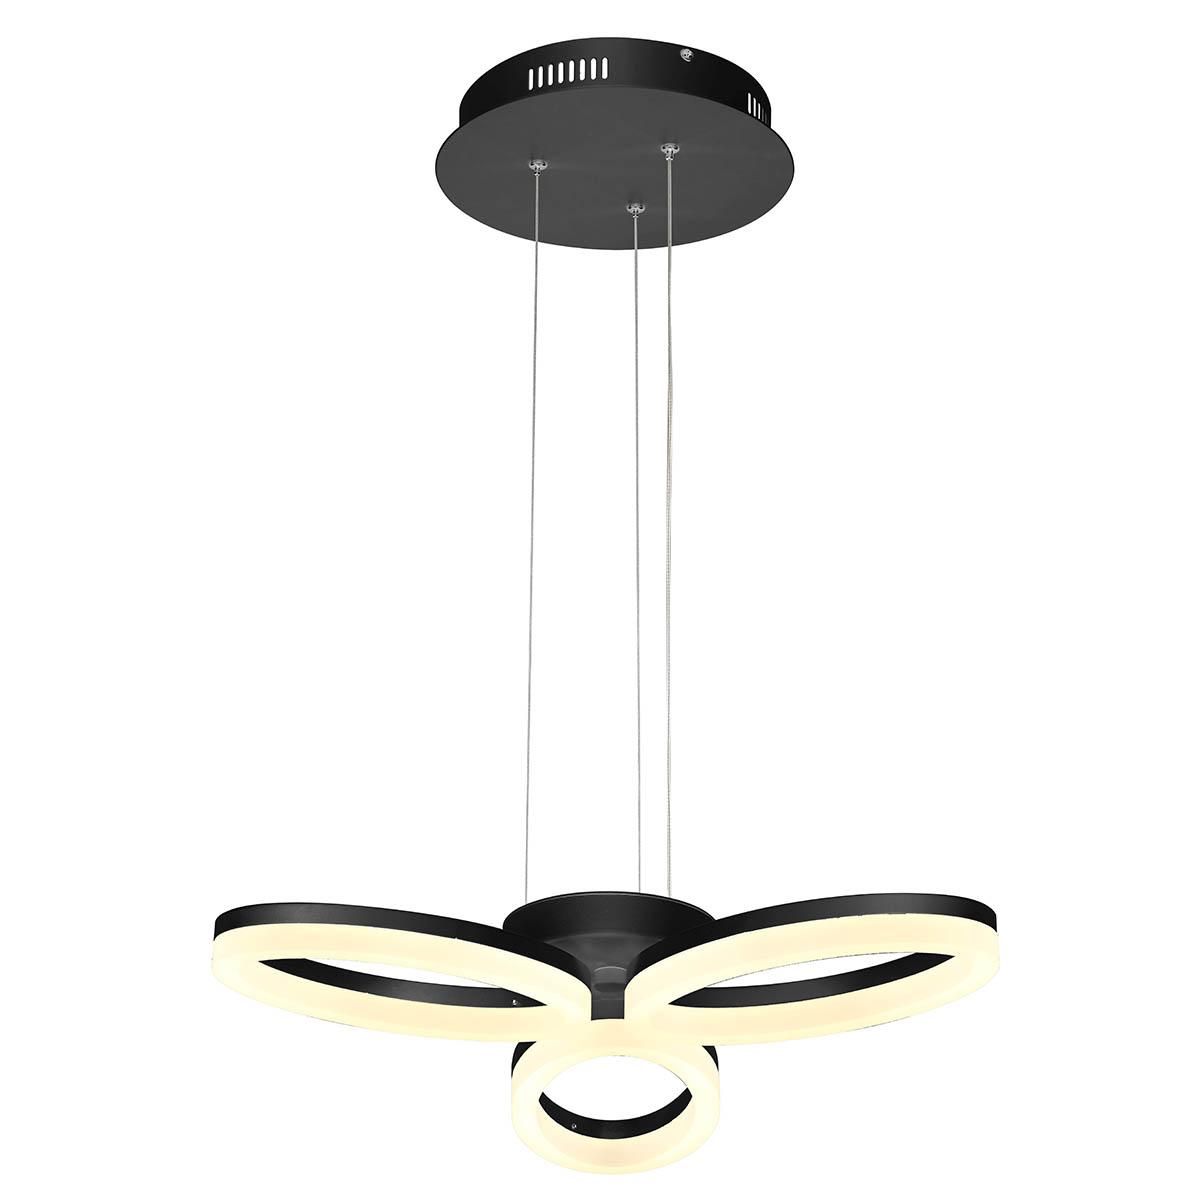 Подвесная светодиодная люстра Horoz черная 019-006-0024 подвесная светодиодная люстра horoz белая 019 006 0040